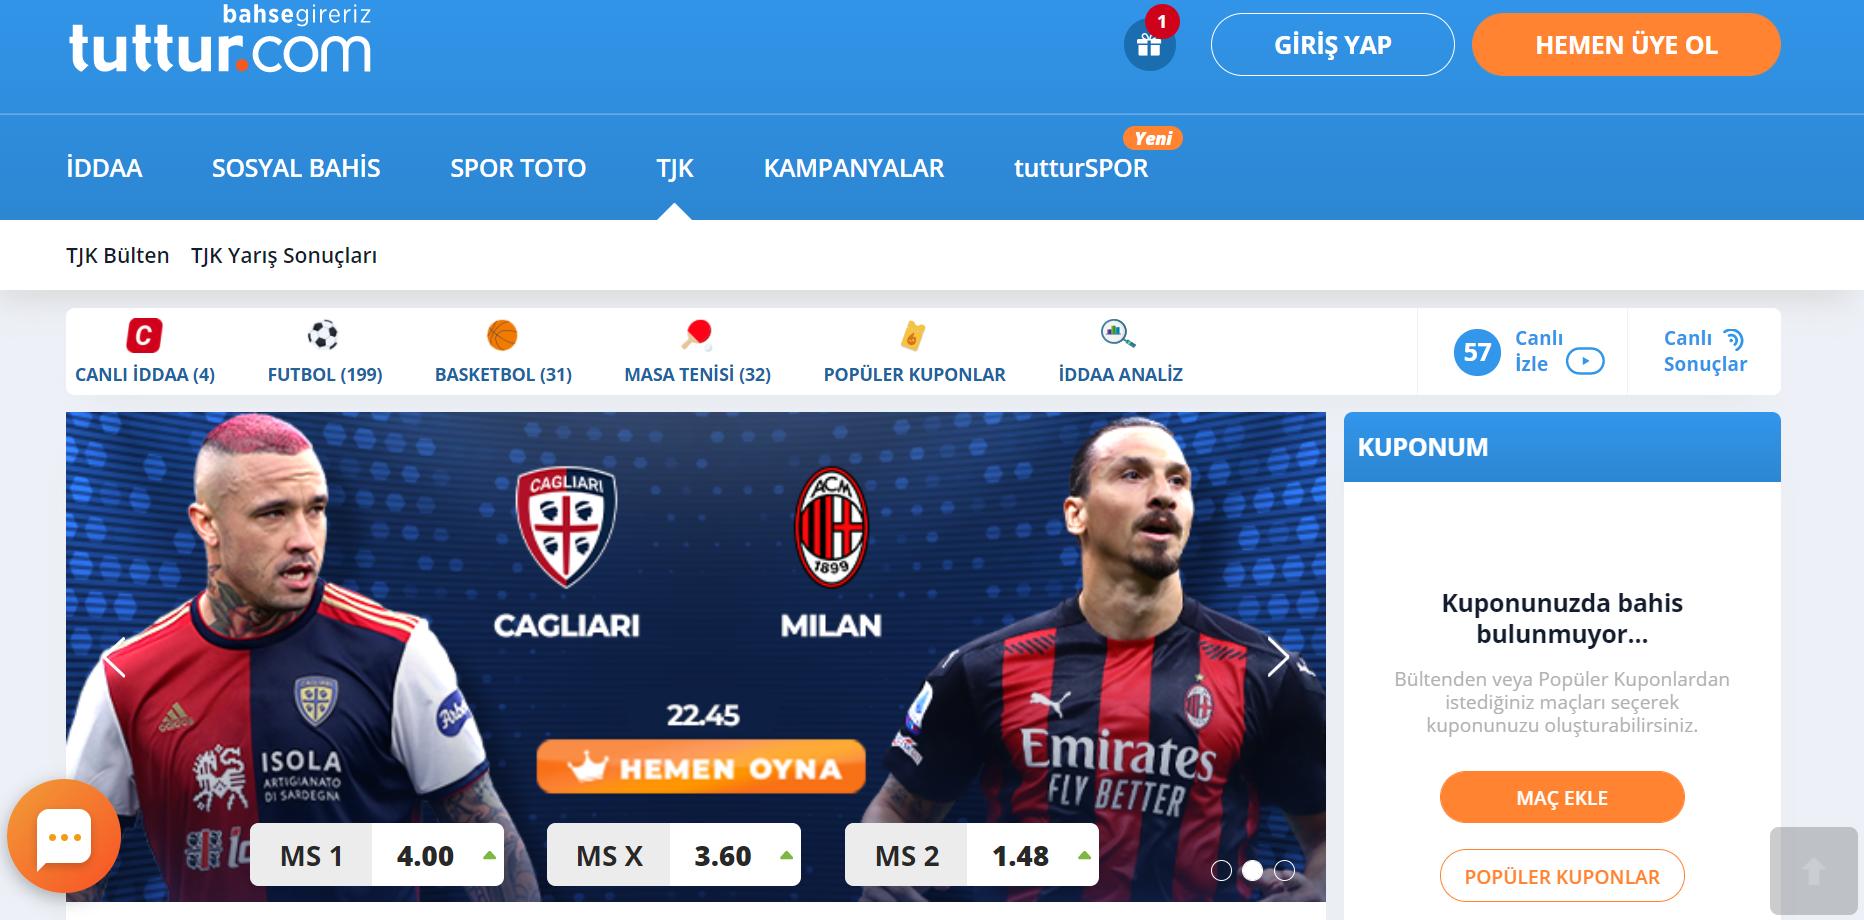 Tuttur.com Para Yatırma İşlemi Nasıldır?